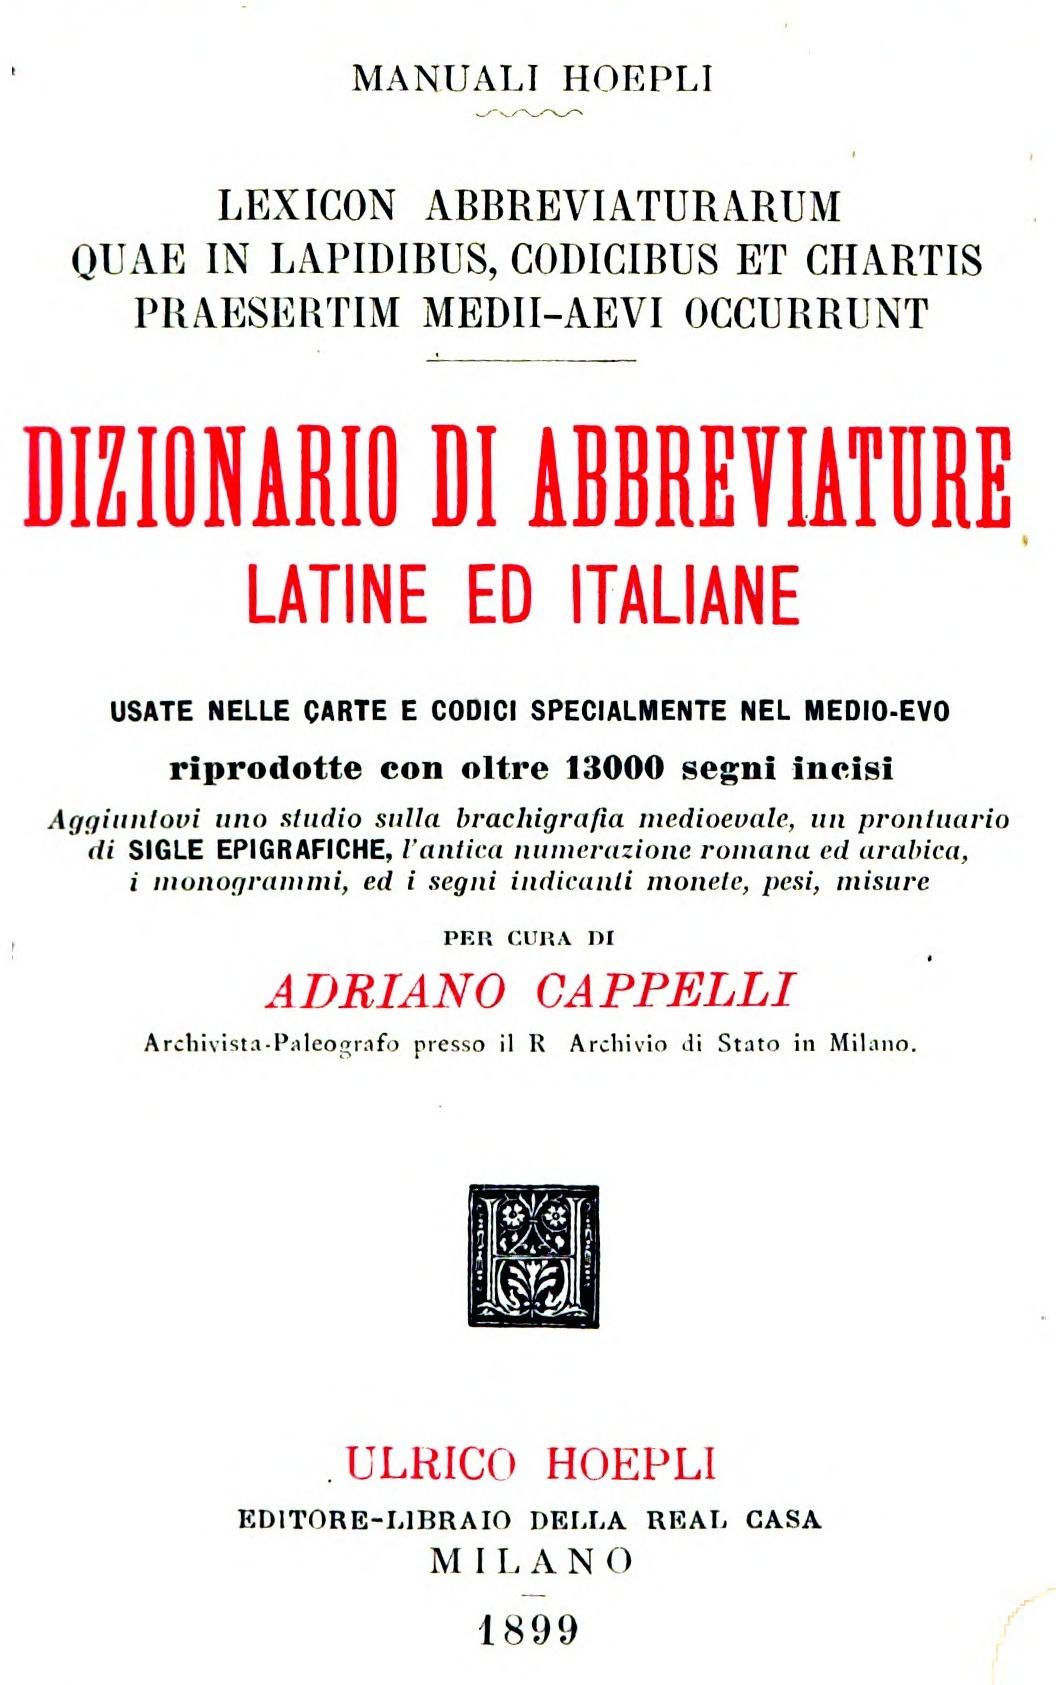 outlet in vendita servizio duraturo servizio duraturo File:Cappelli, Lexicon abbreviaturarum 1899.jpg - Wikipedia